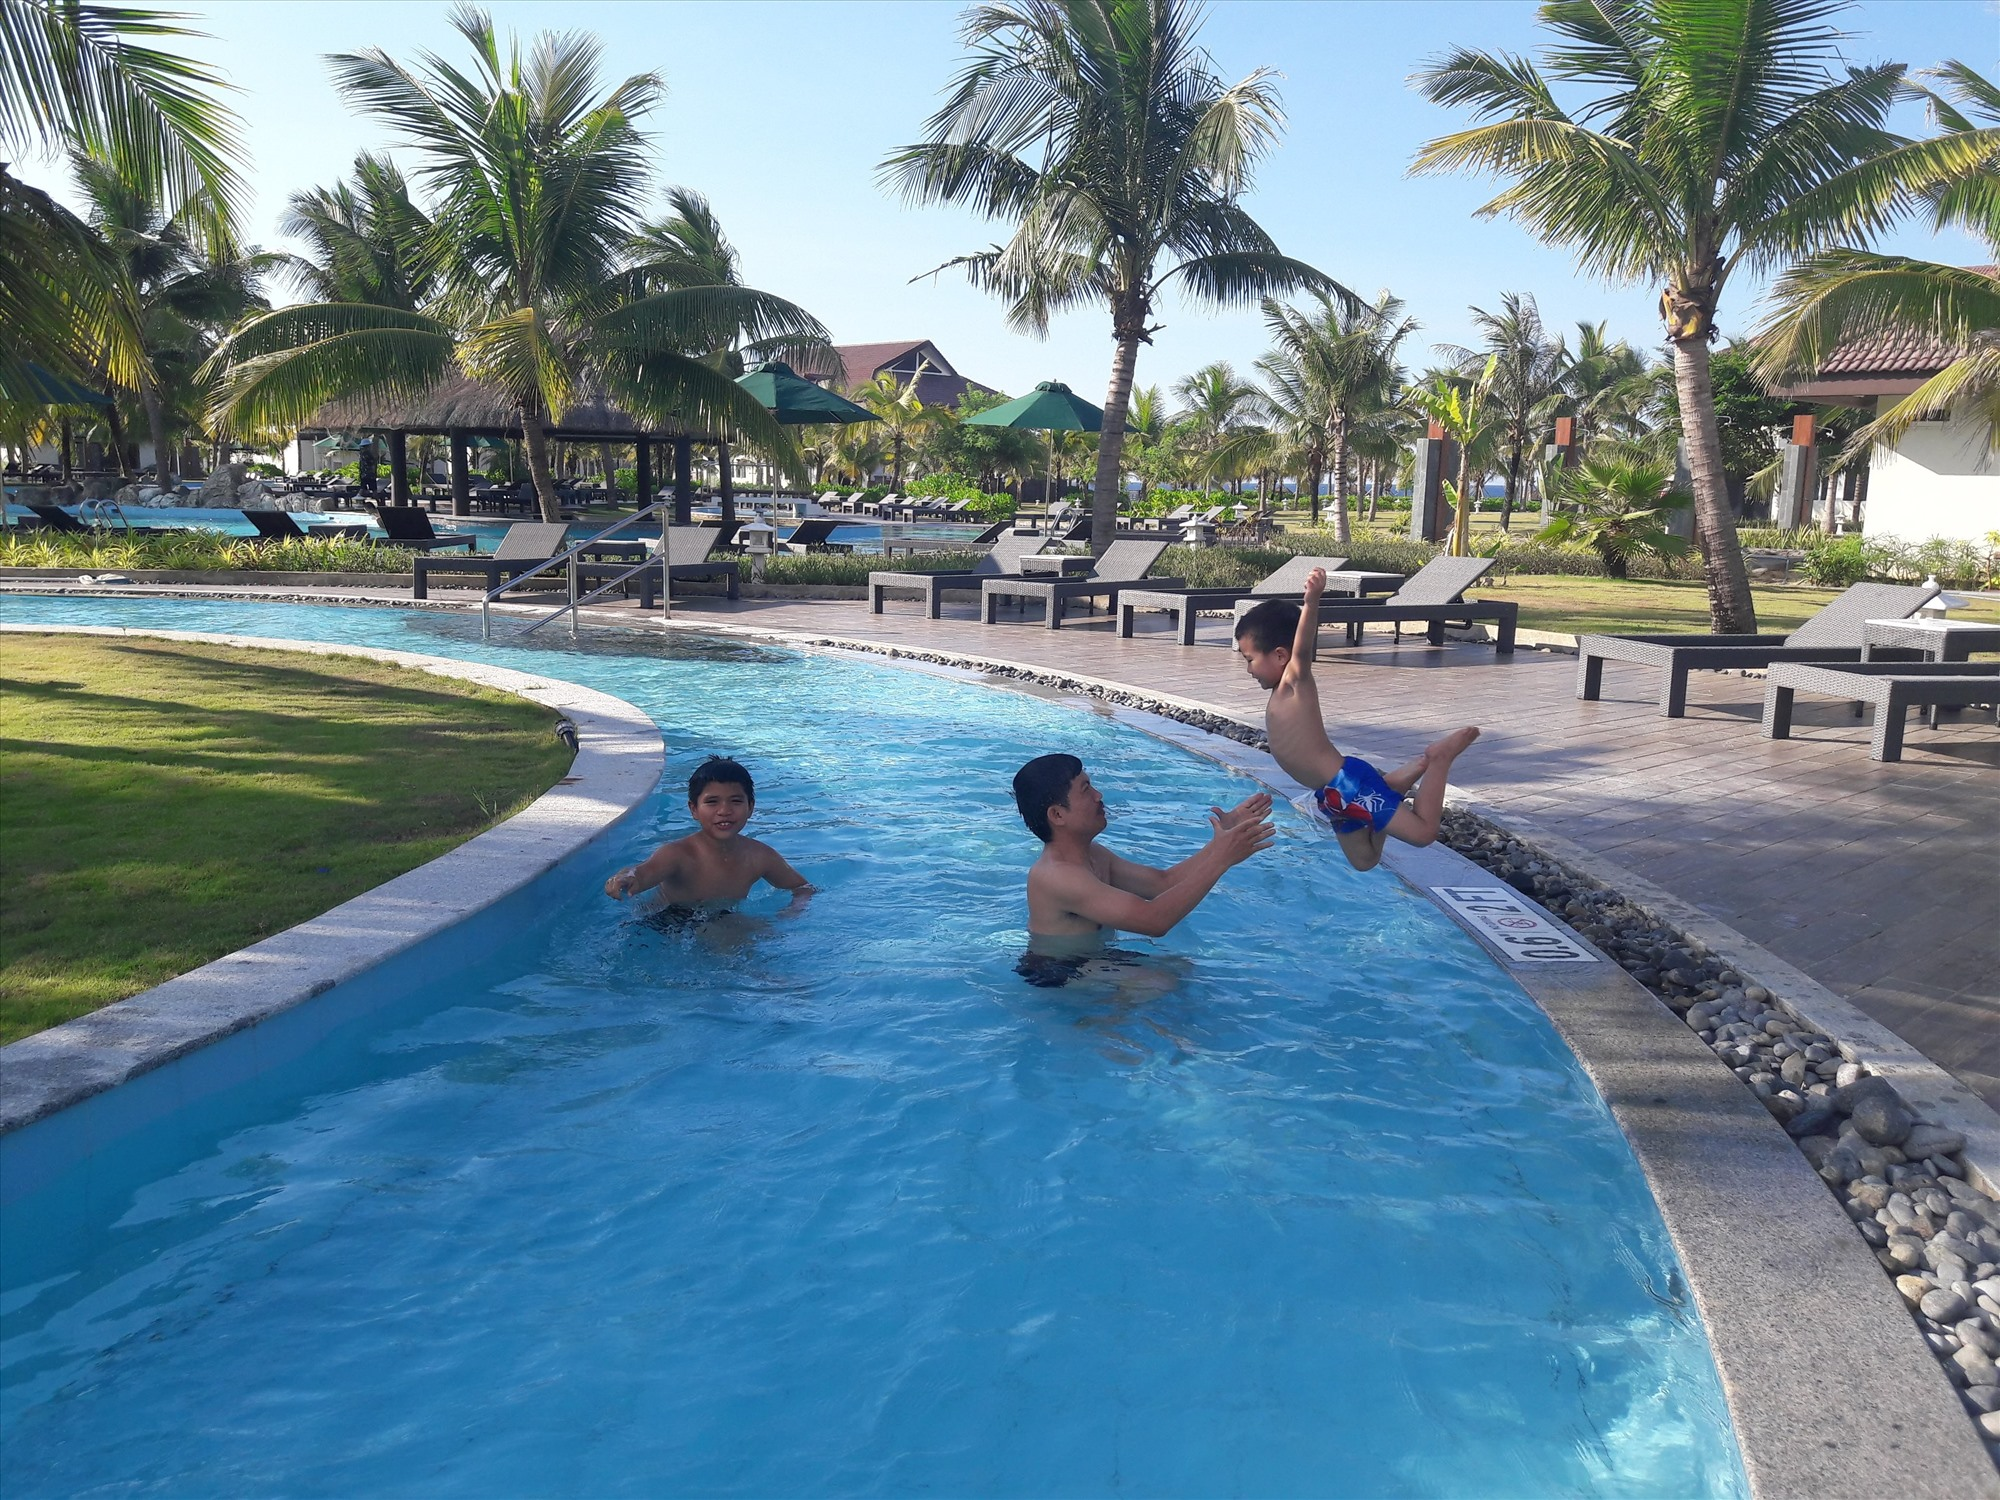 Nhiều khu nghỉ dưỡng cao cấp được xây dựng ở vùng ven biển Quảng Nam (ảnh minh họa). Ảnh: PHAN HOÀNG